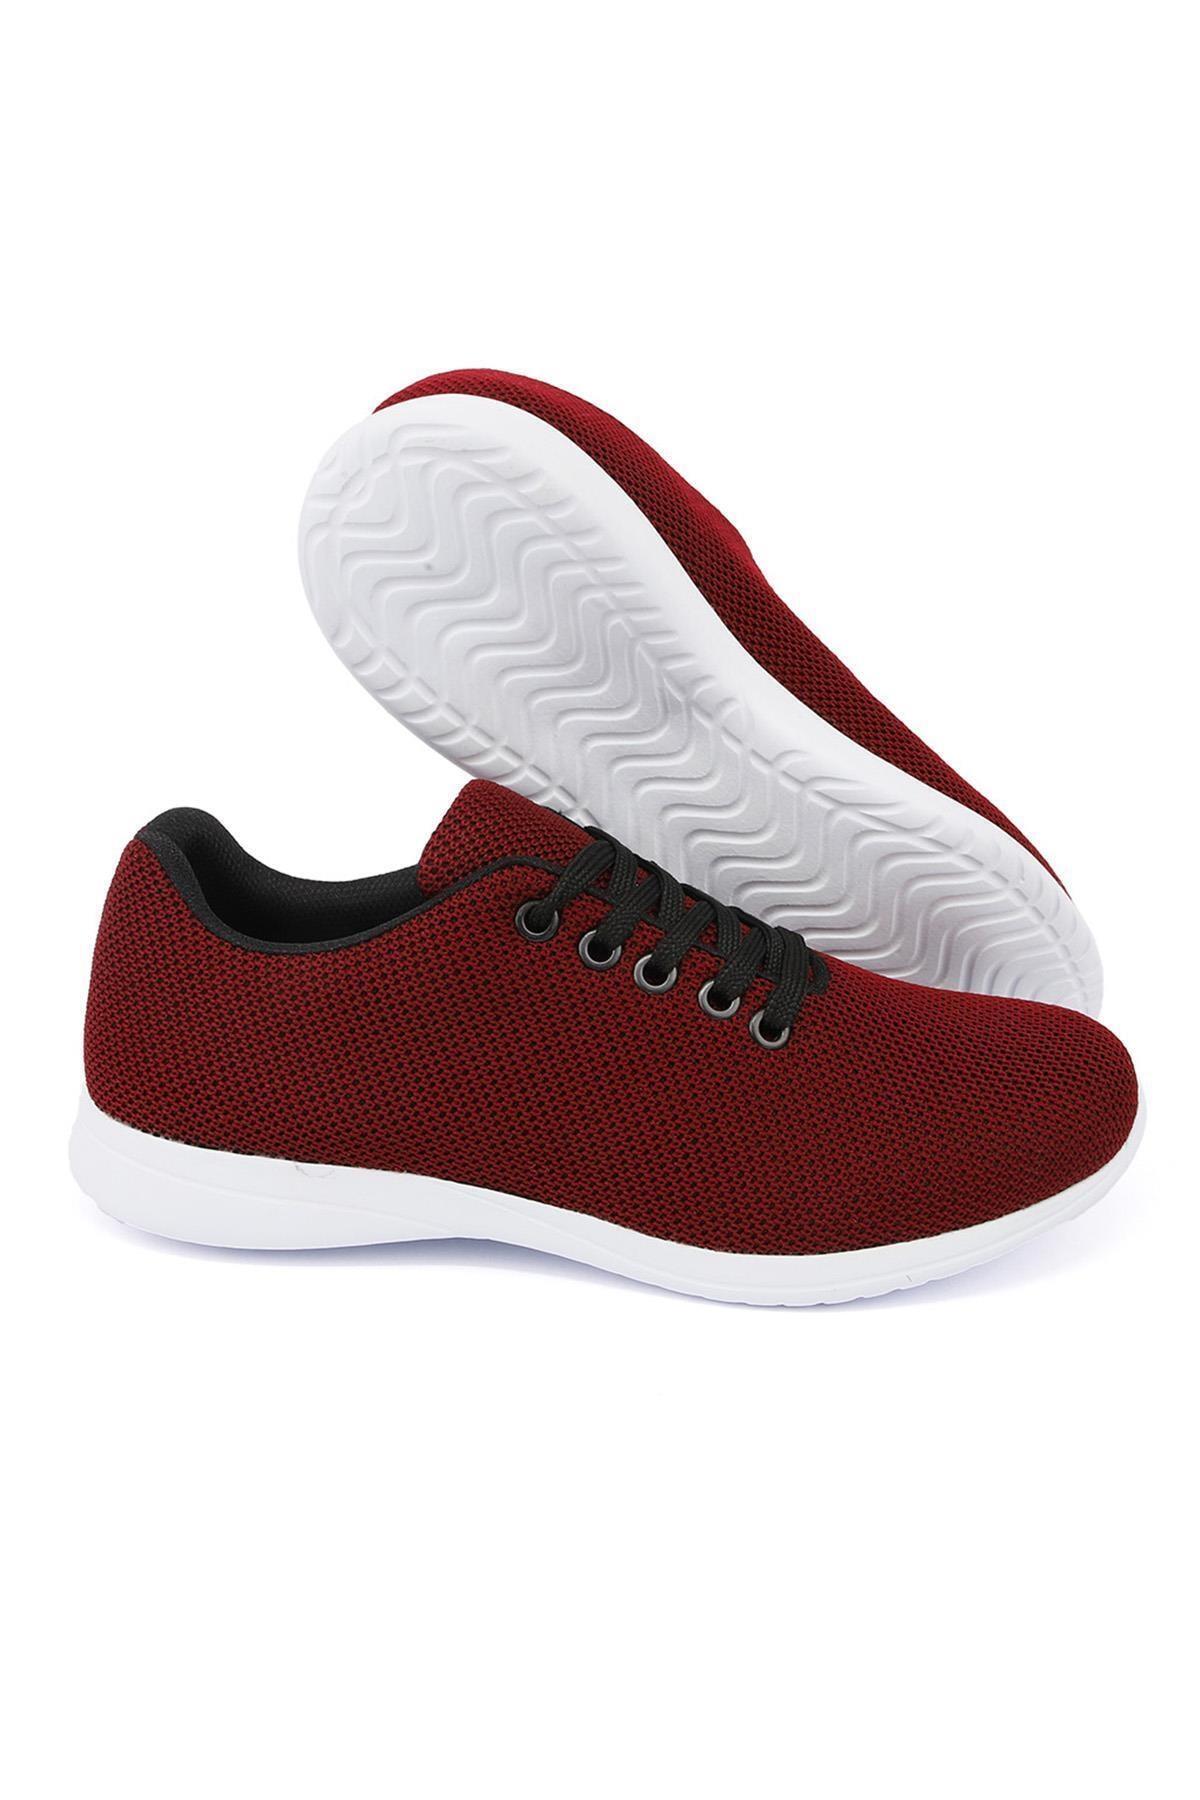 LETOON 2065 Kadın Günlük Ayakkabı 1